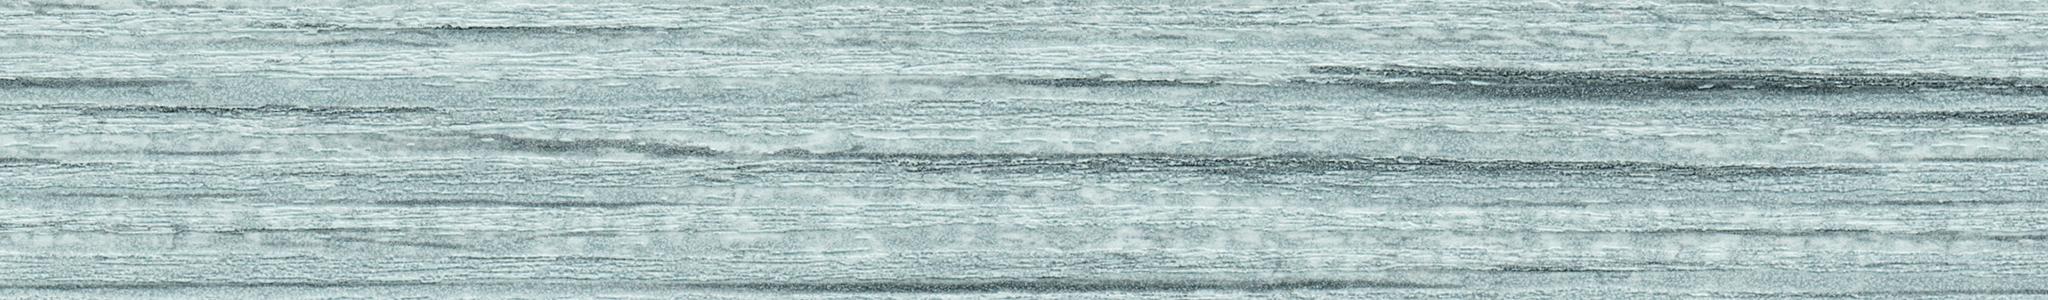 HD 293034 ABS Edge Blue Reed Pore